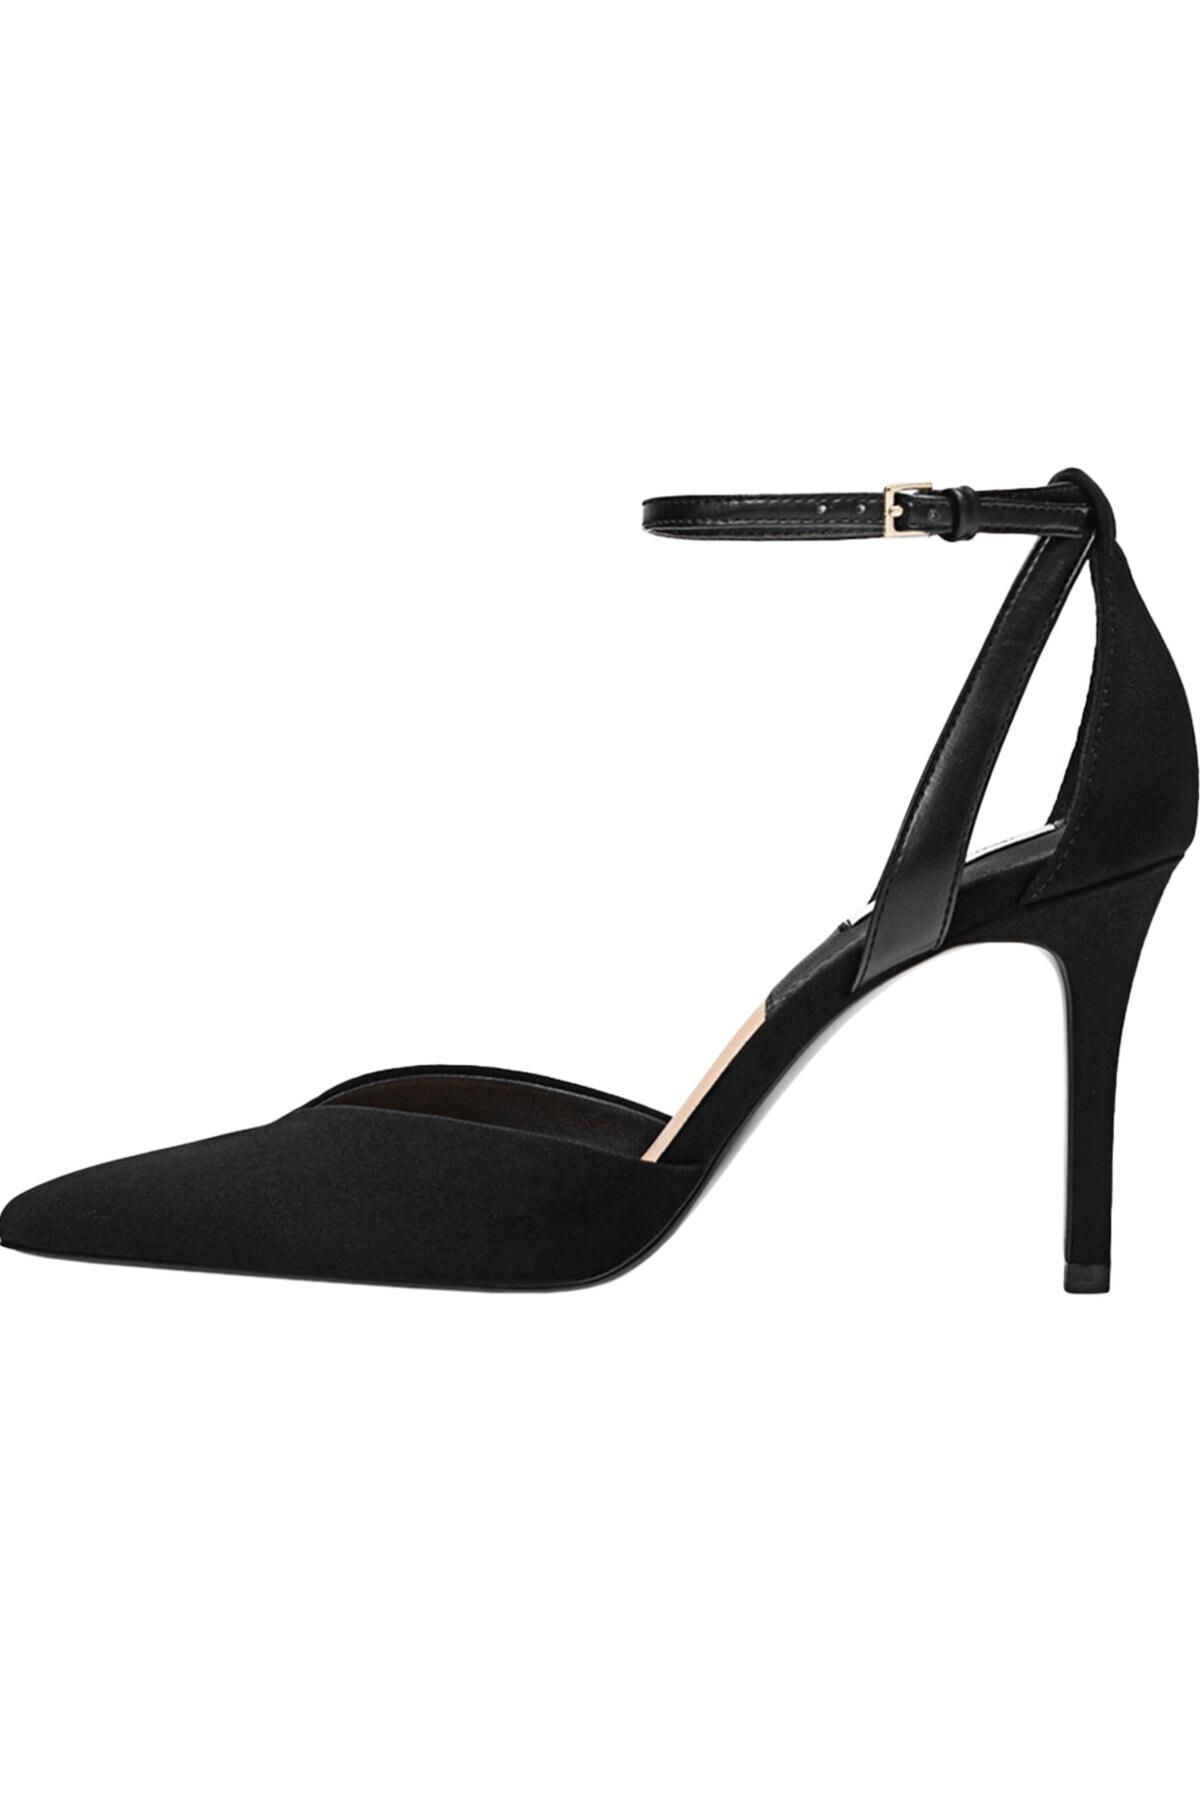 Stradivarius Kadın Siyah Bilekten Bantlı Yüksek Topuklu Ayakkabı 19153770 0